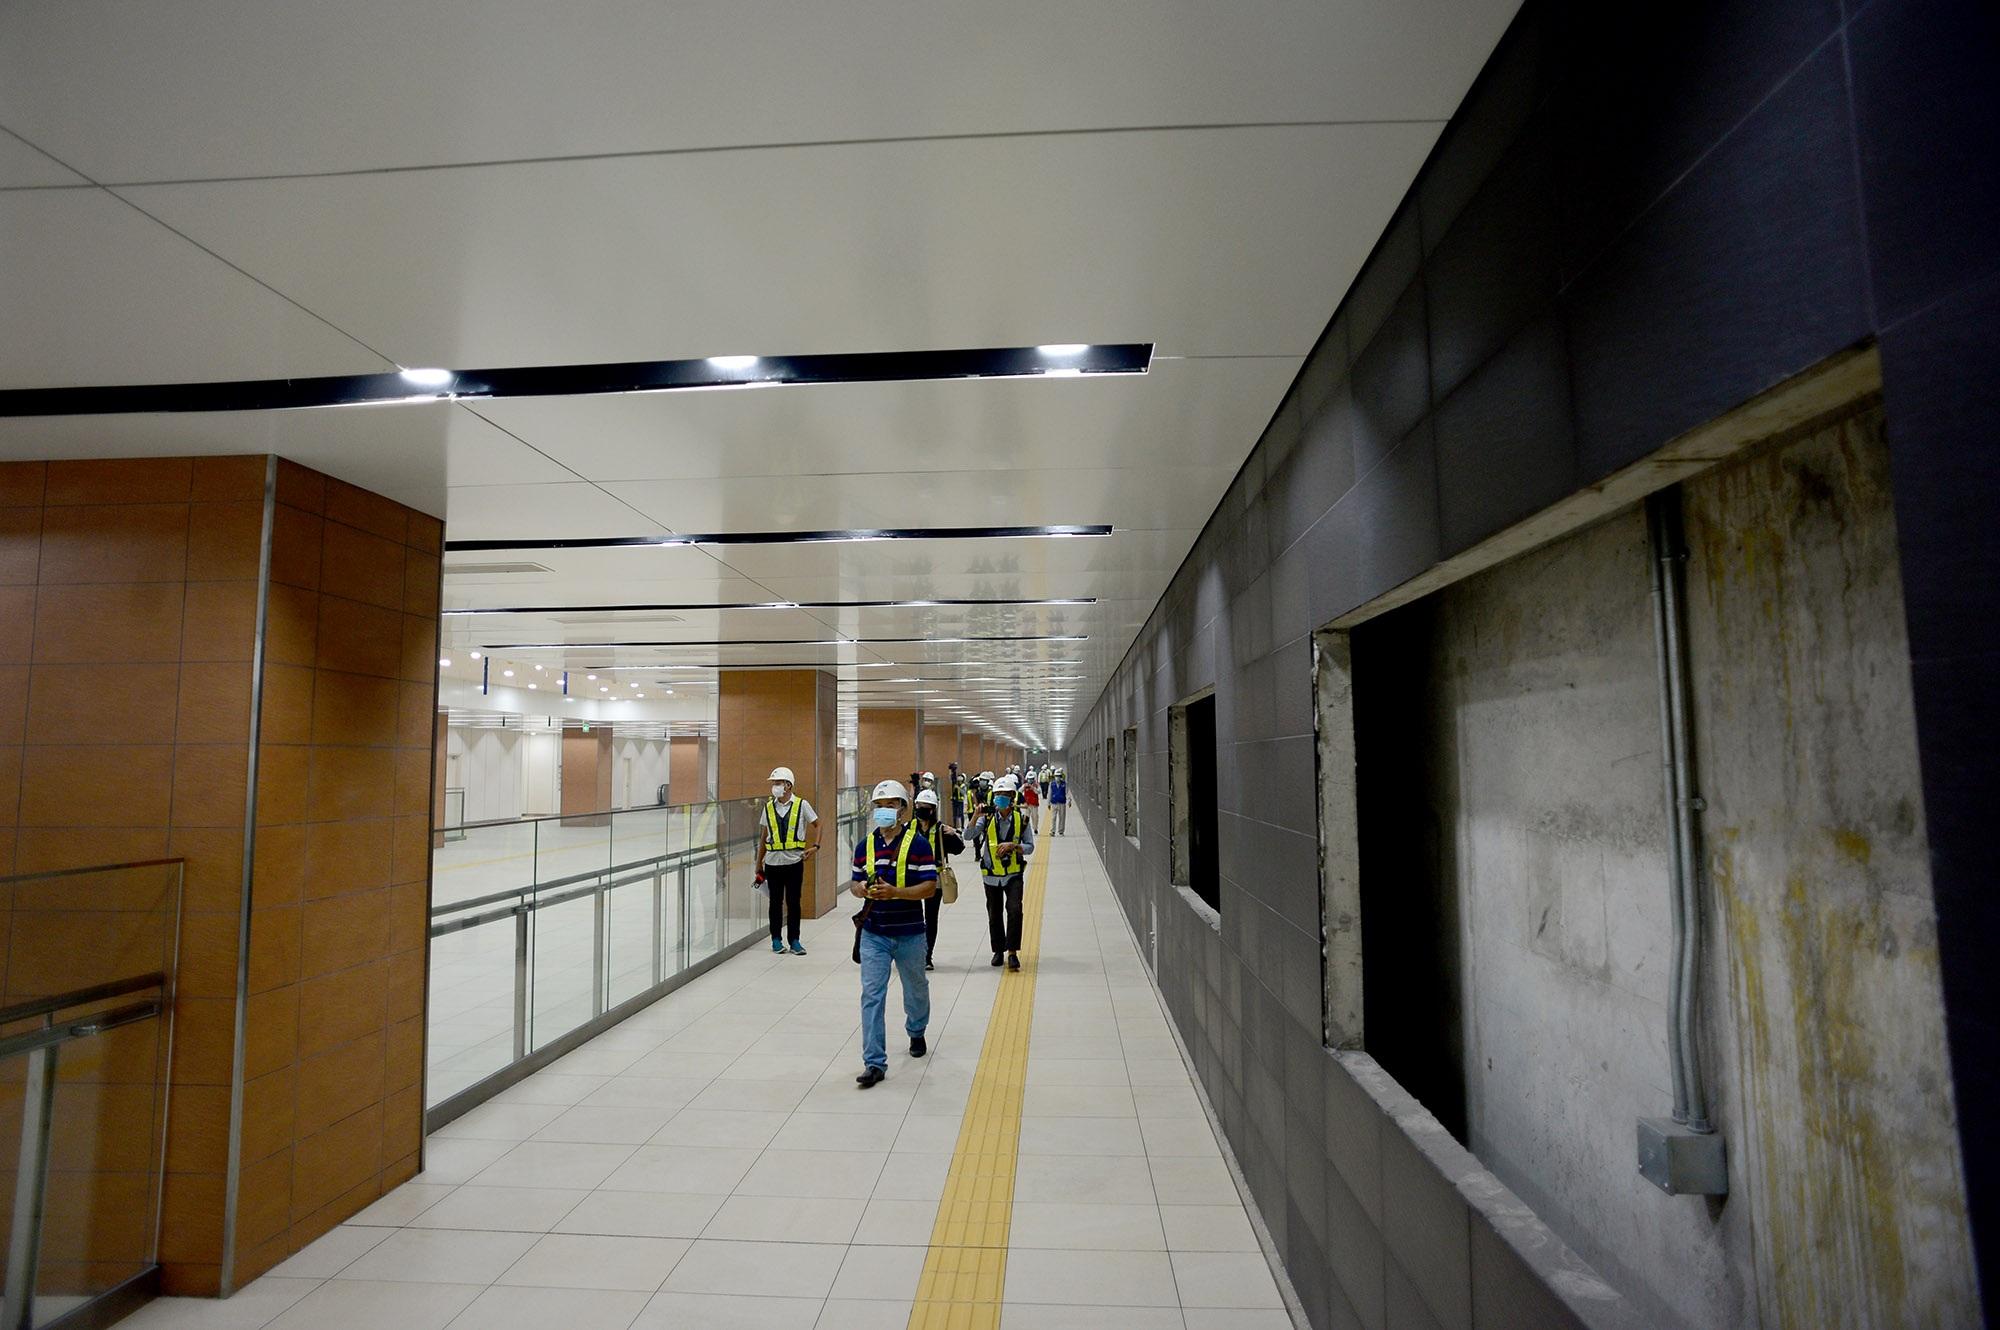 Ngắm toàn cảnh tuyến metro đầu tiên của TPHCM - 12